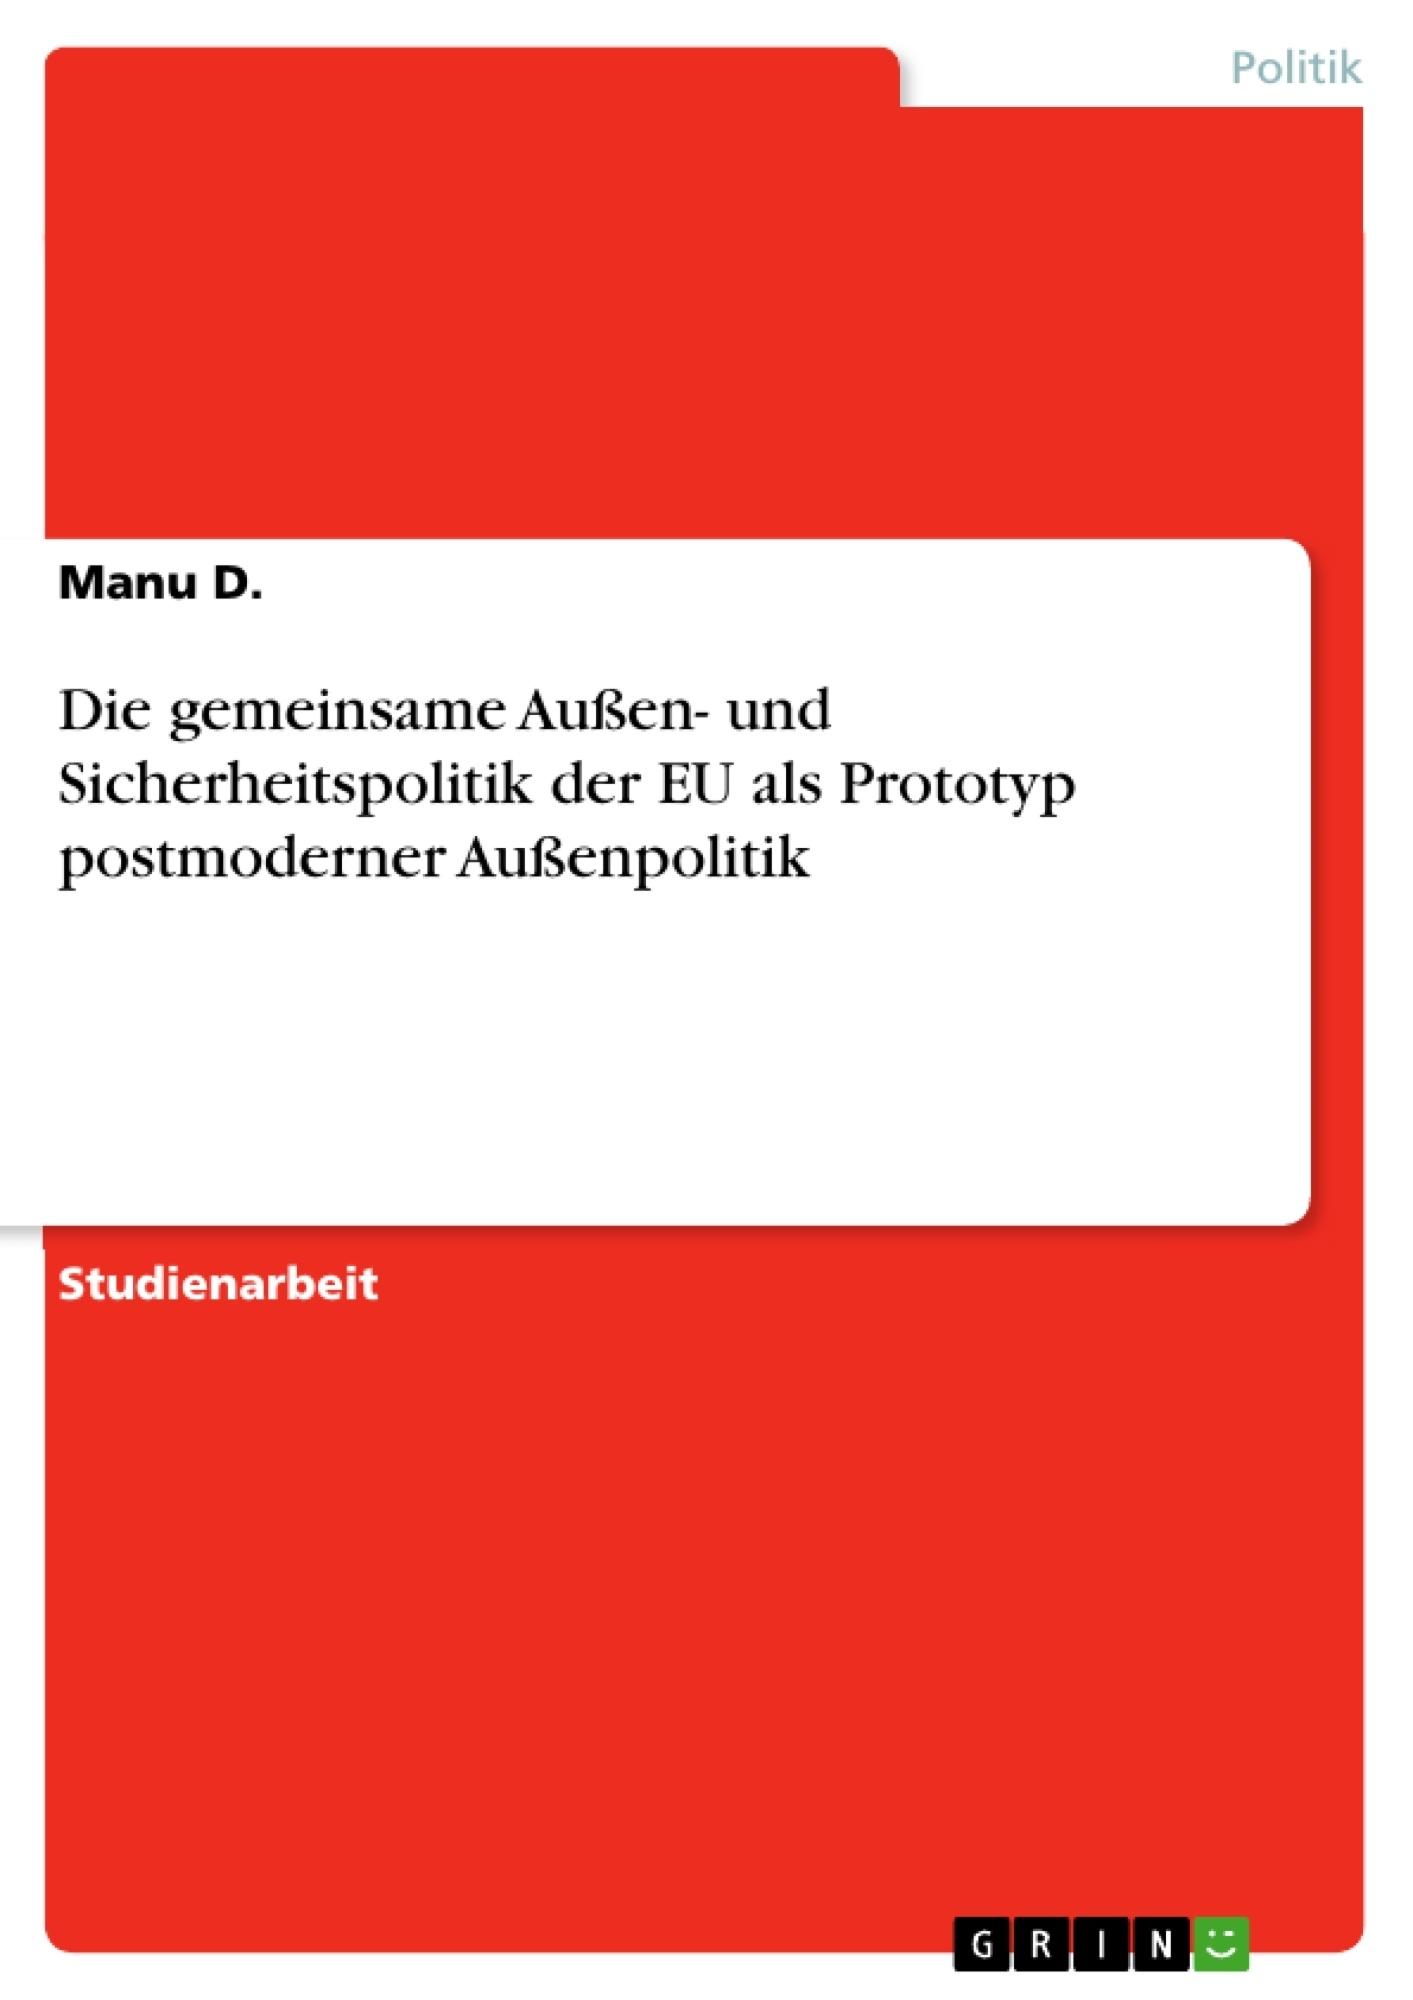 Titel: Die gemeinsame Außen- und Sicherheitspolitik der EU als Prototyp postmoderner Außenpolitik